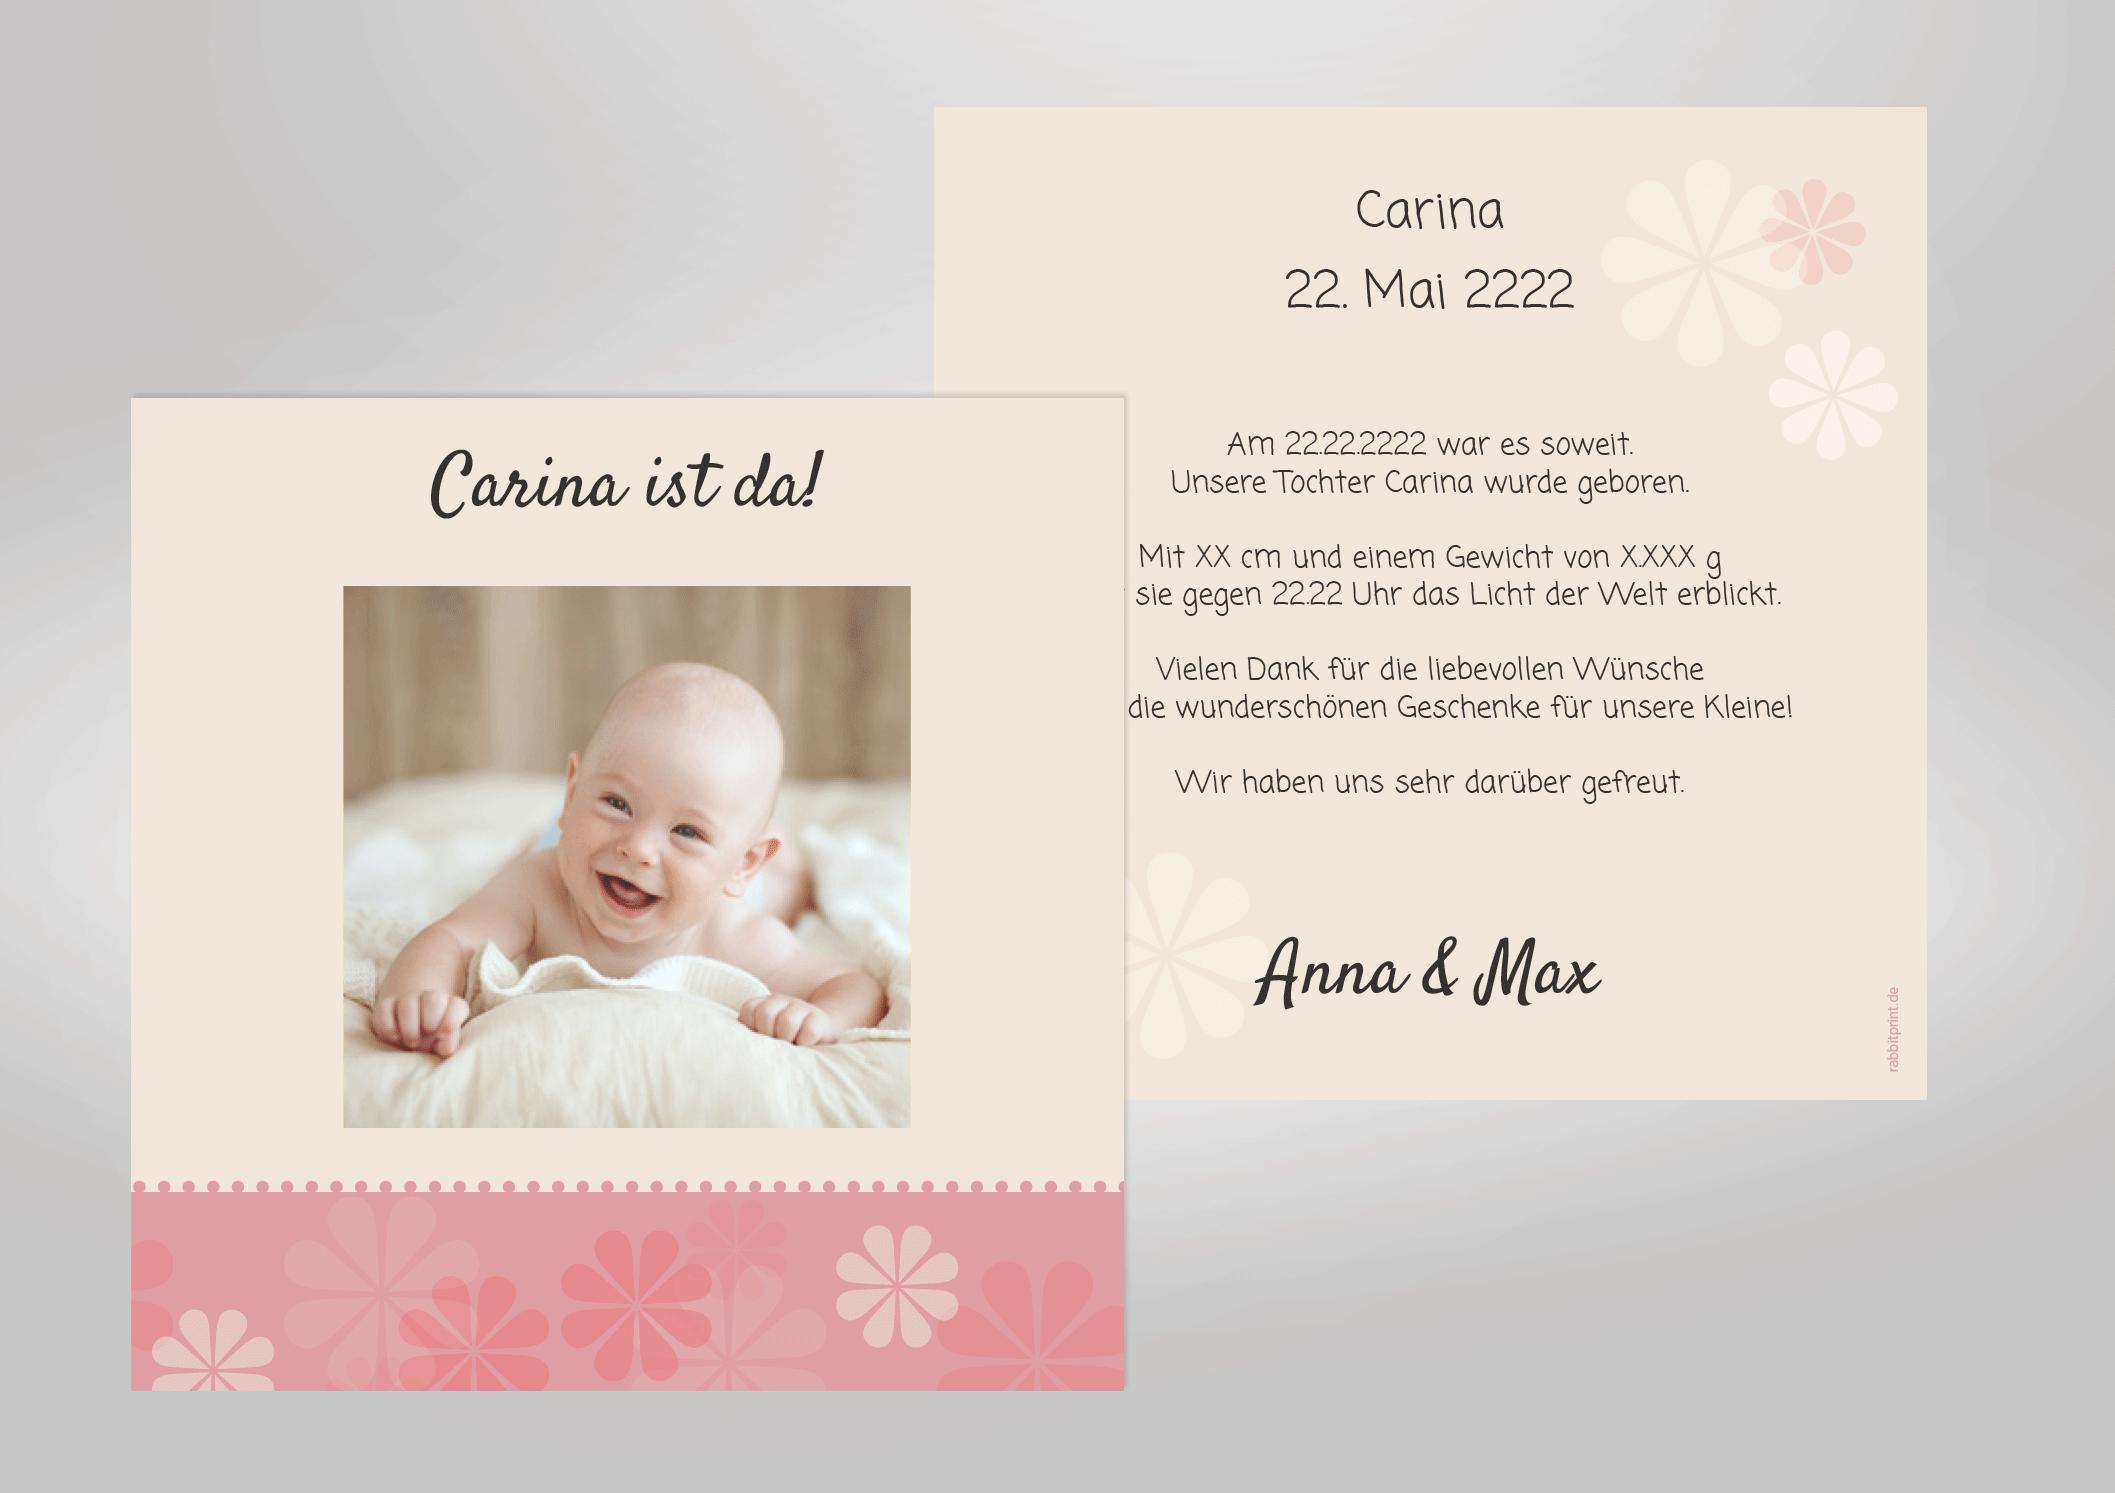 Danksagung Zur Geburt Hochwertige Geburtskarte Mit Kleinen Blumchen Zum Selbst Gestalten Hochwertig Gedruckt Geburtskarten Zur Geburt Danksagung Geburt